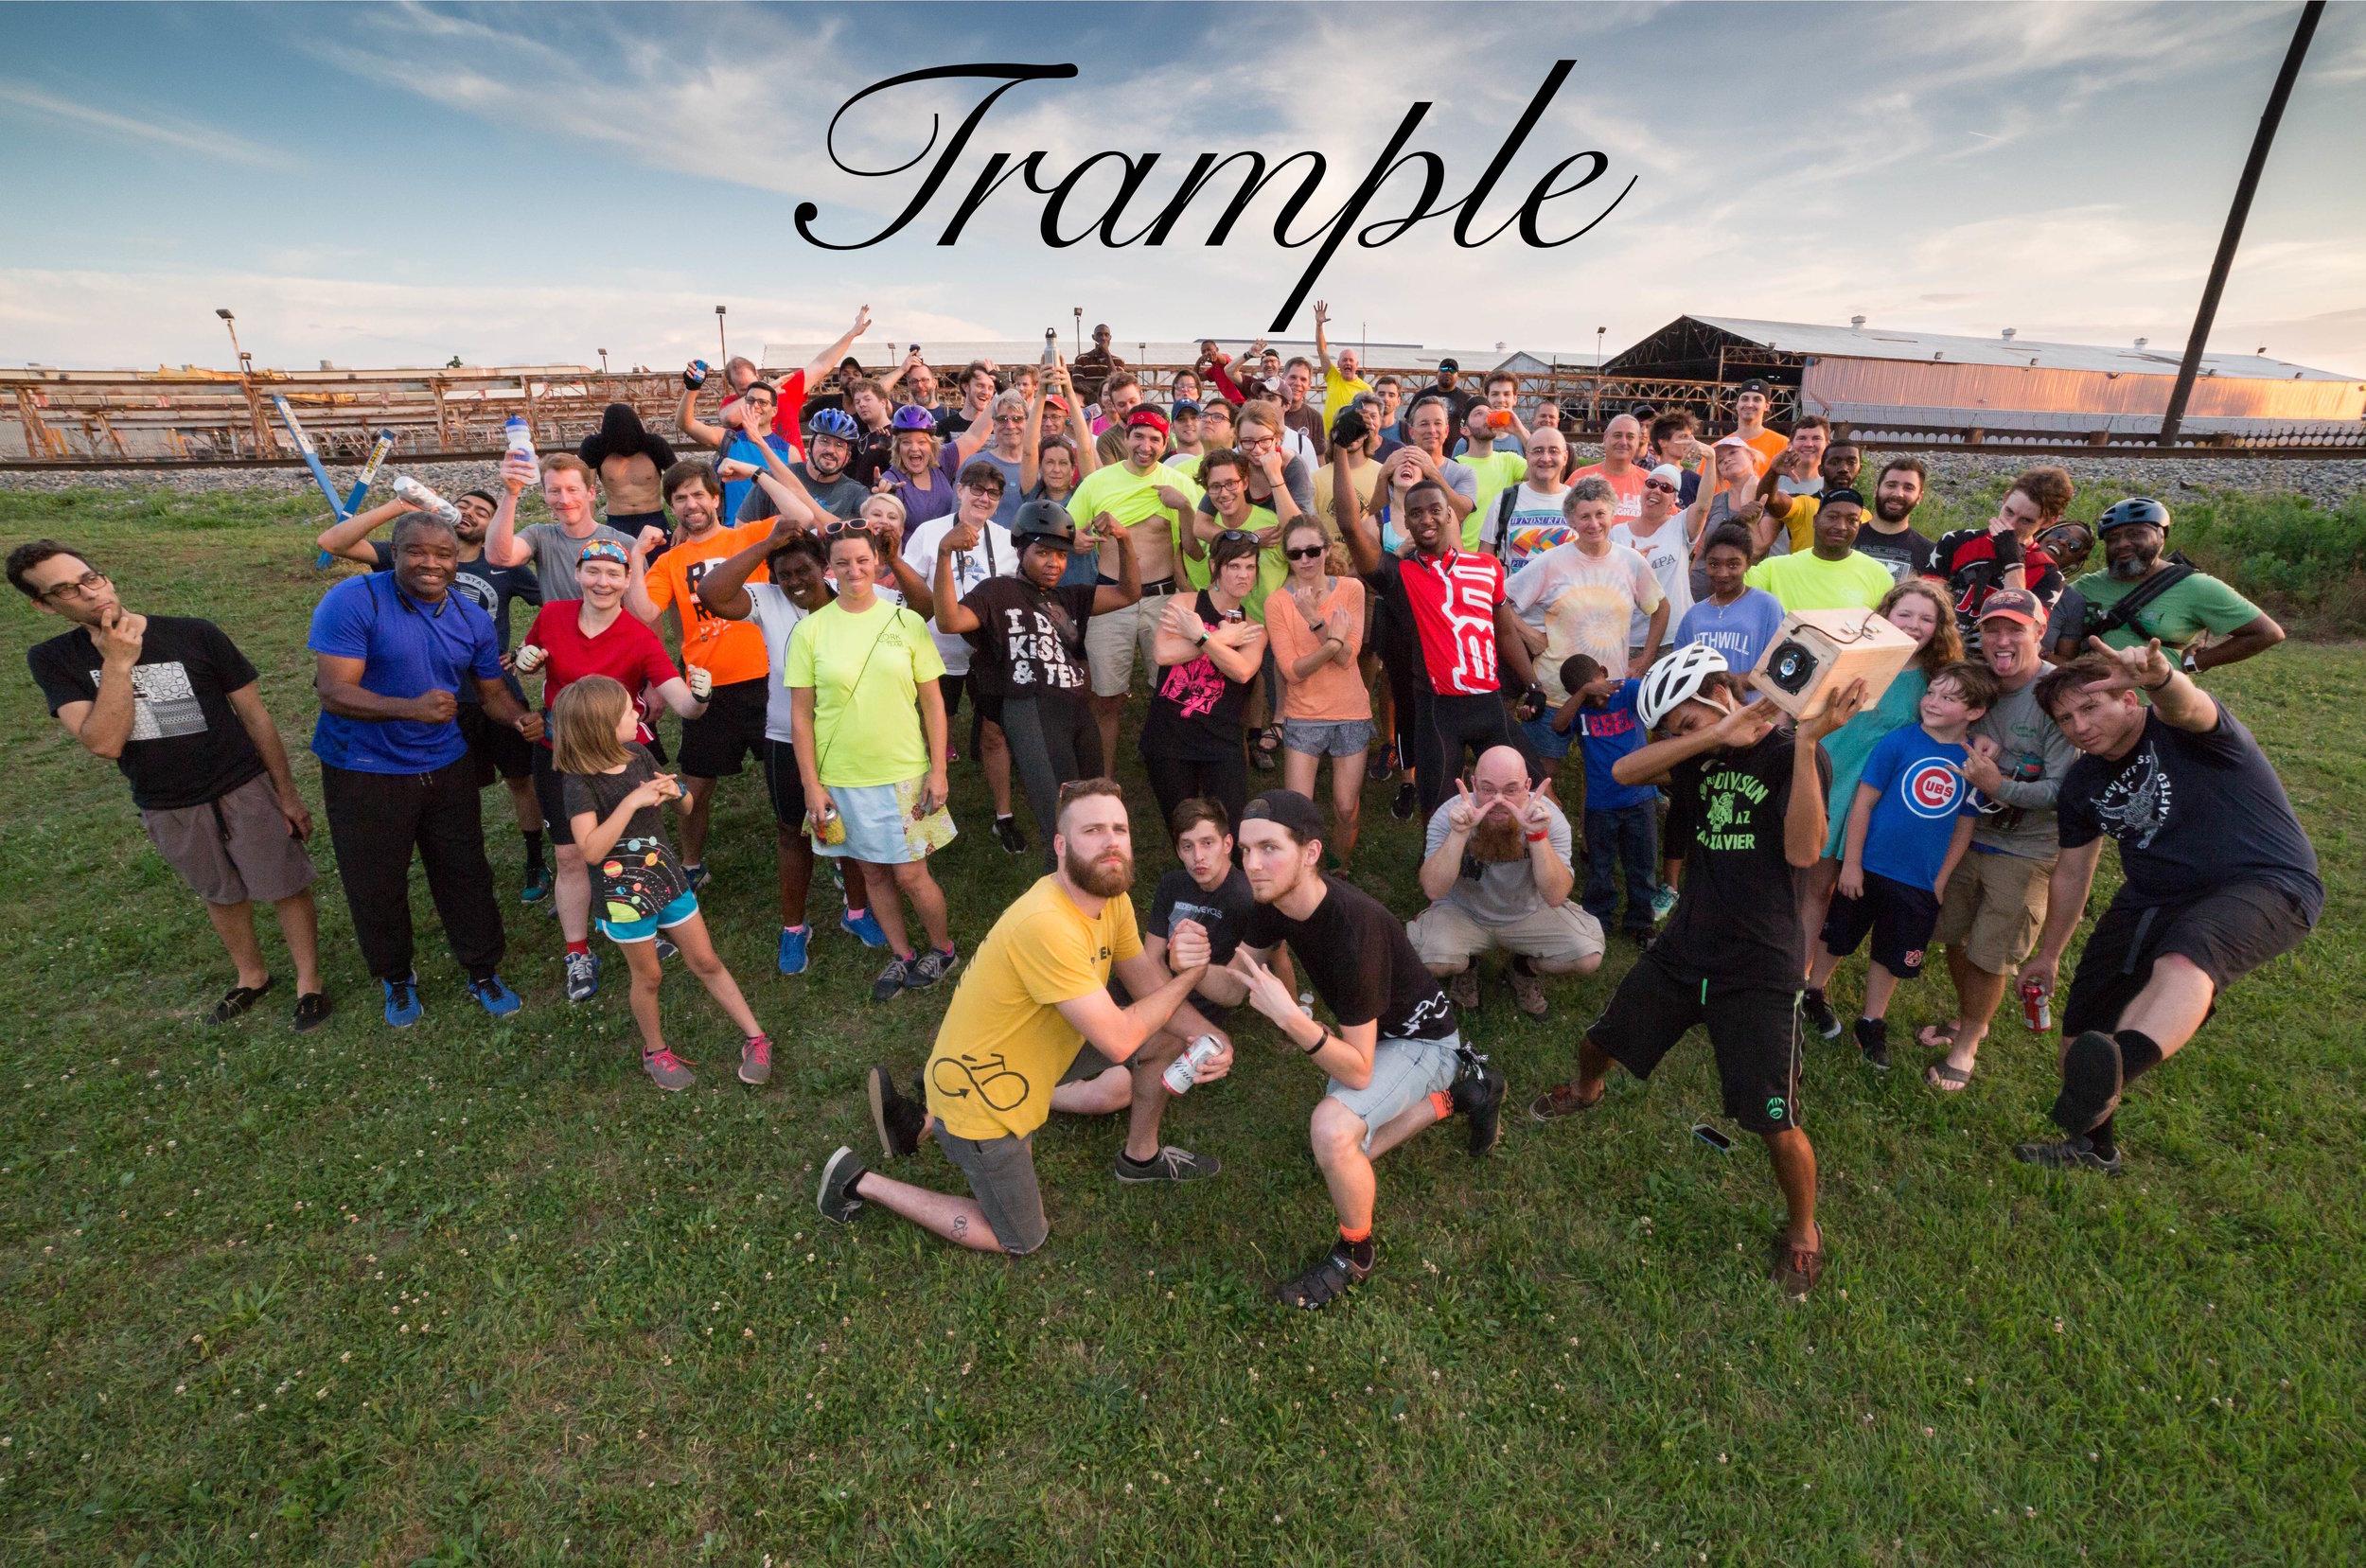 Trample Group 01-01.jpg